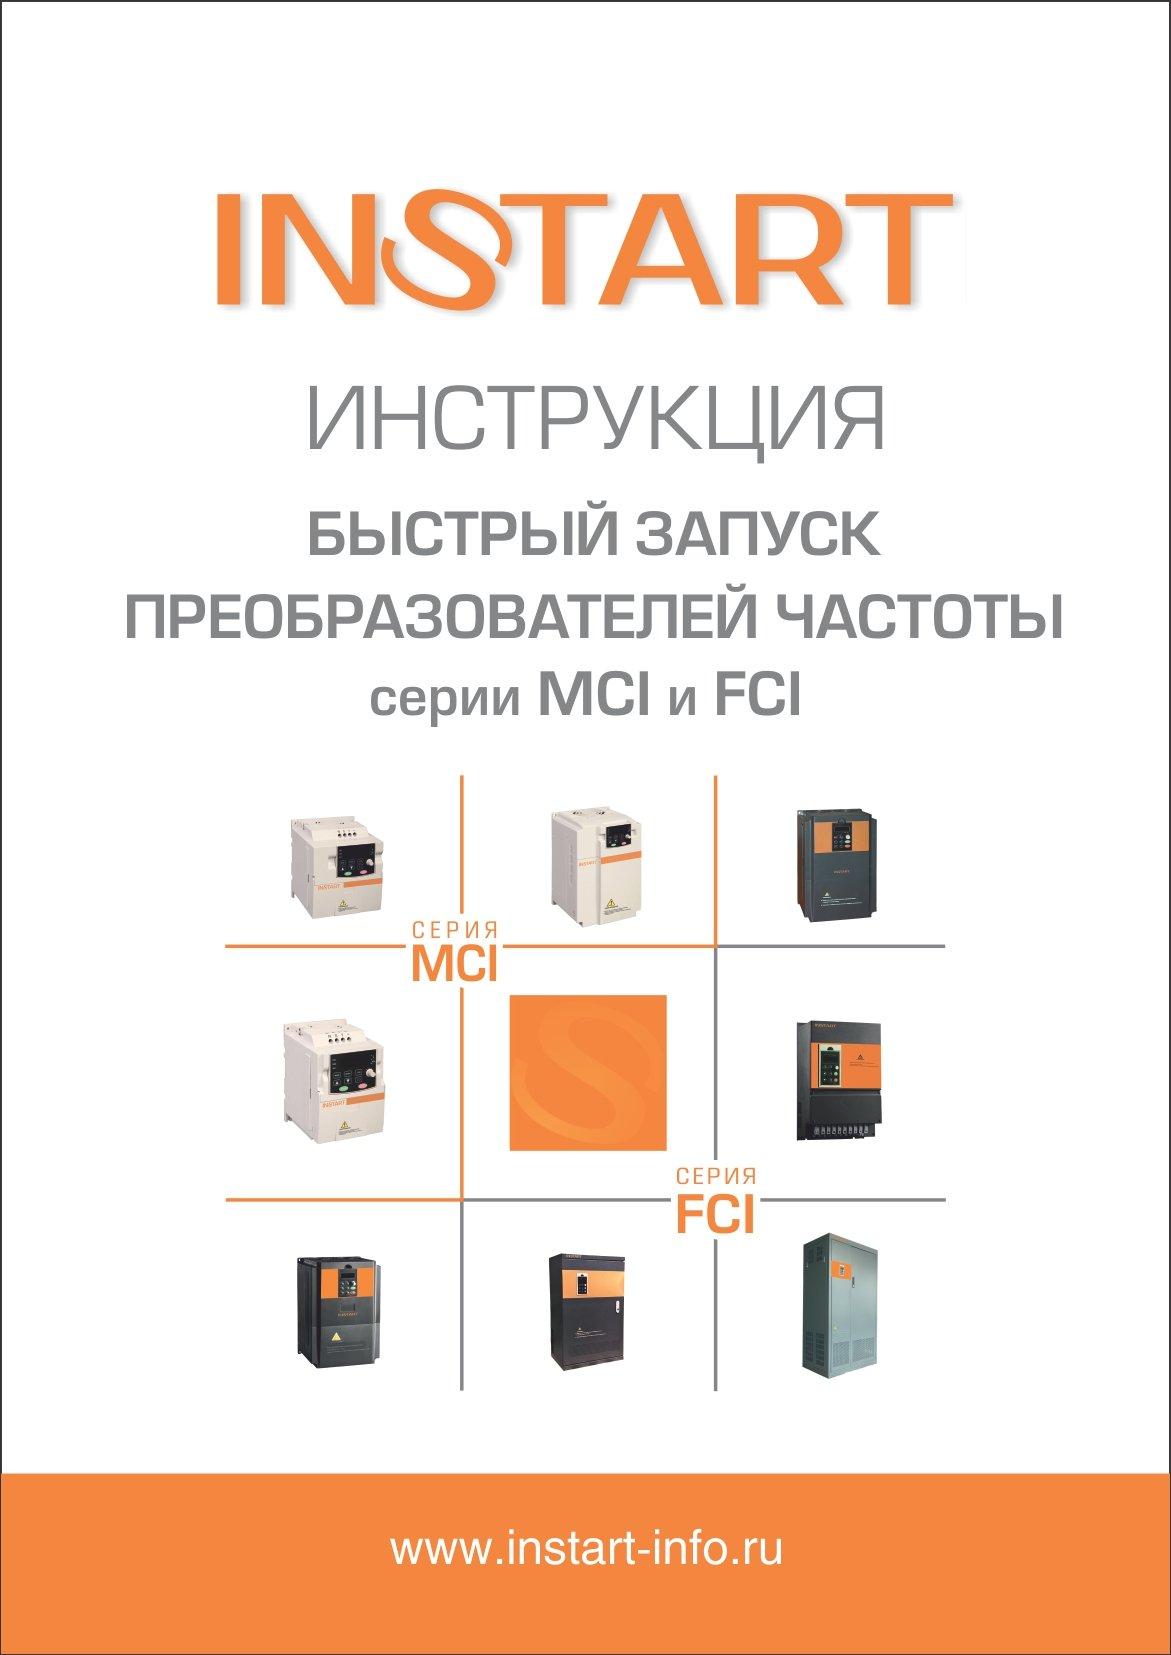 Инструкция по быстрому запуску ПЧ_INSTART_MCI, FCI